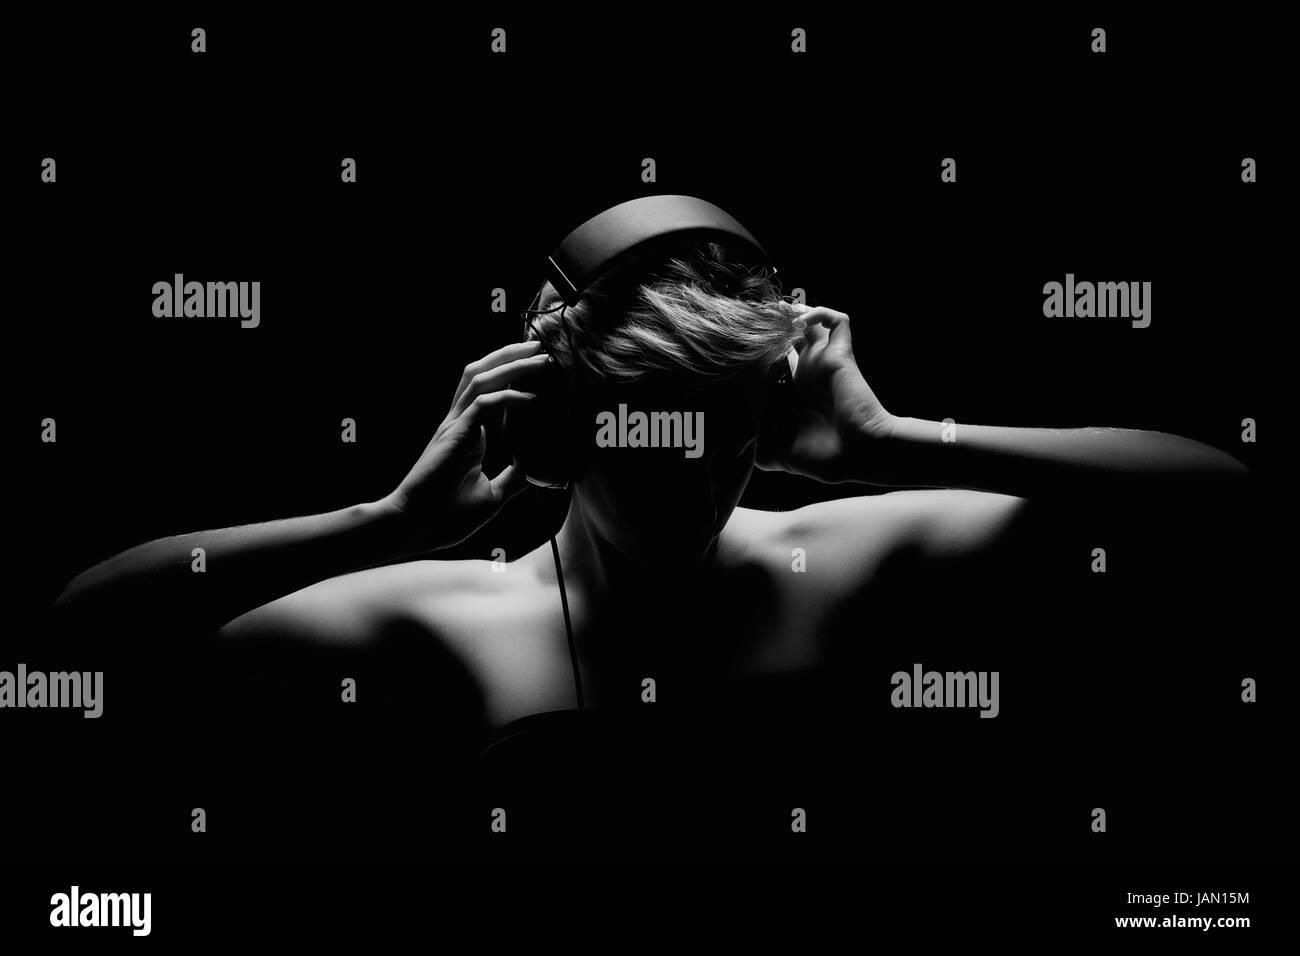 junge frau beim musik hören in schwarz weiß Stock Photo